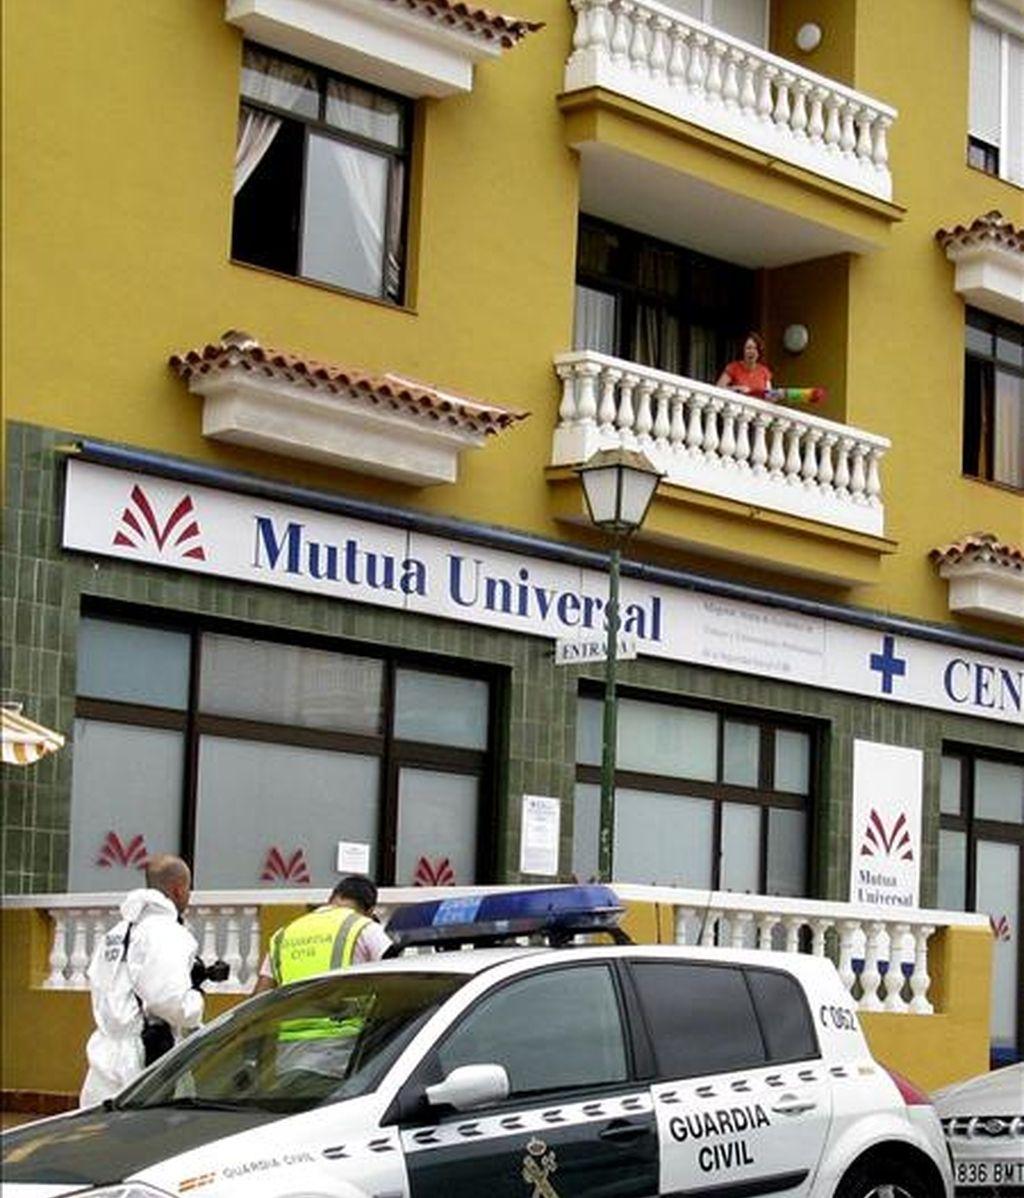 Agentes de la Guardia Civil trabajan en el lugar donde un hombre se ha lanzado desde un tercer piso en La Orotava (Tenerife) tras matar, presuntamente, a su pareja sentimental. EFE